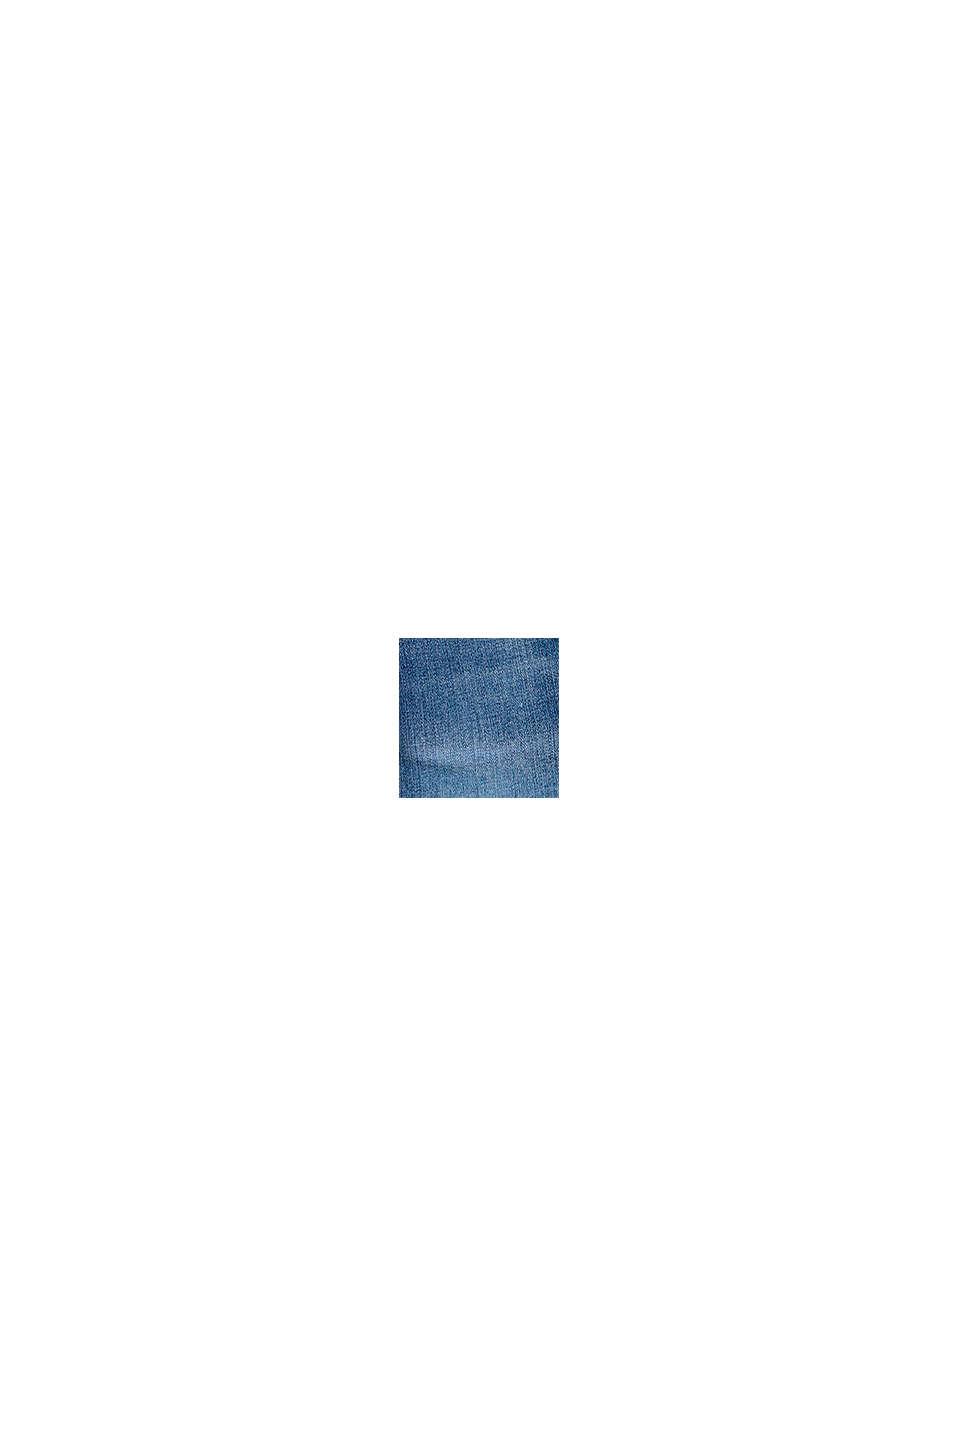 Pantalones vaqueros con cintura elástica en algodón, BLUE MEDIUM WASHED, swatch